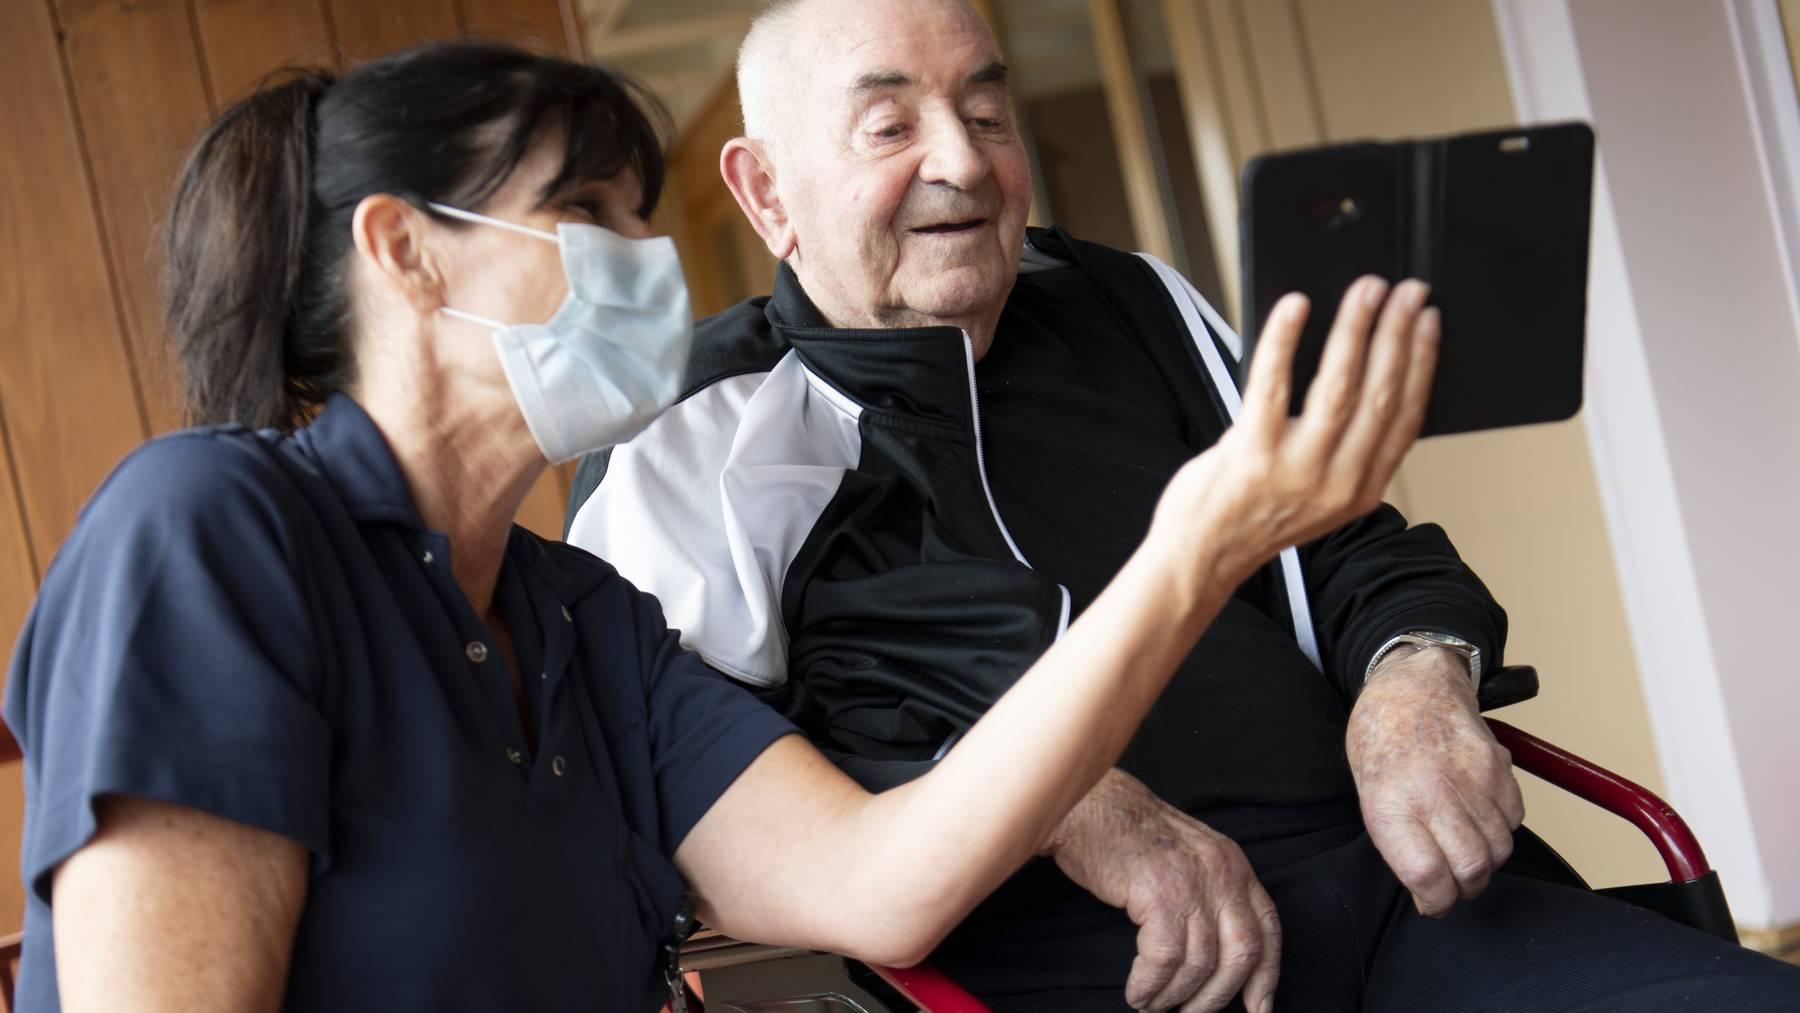 Die Pandemie habe die Digitalisierung aller Lebensbereiche in der Schweiz beschleunigt (Symbolbild), so eine aktuelle Studie.